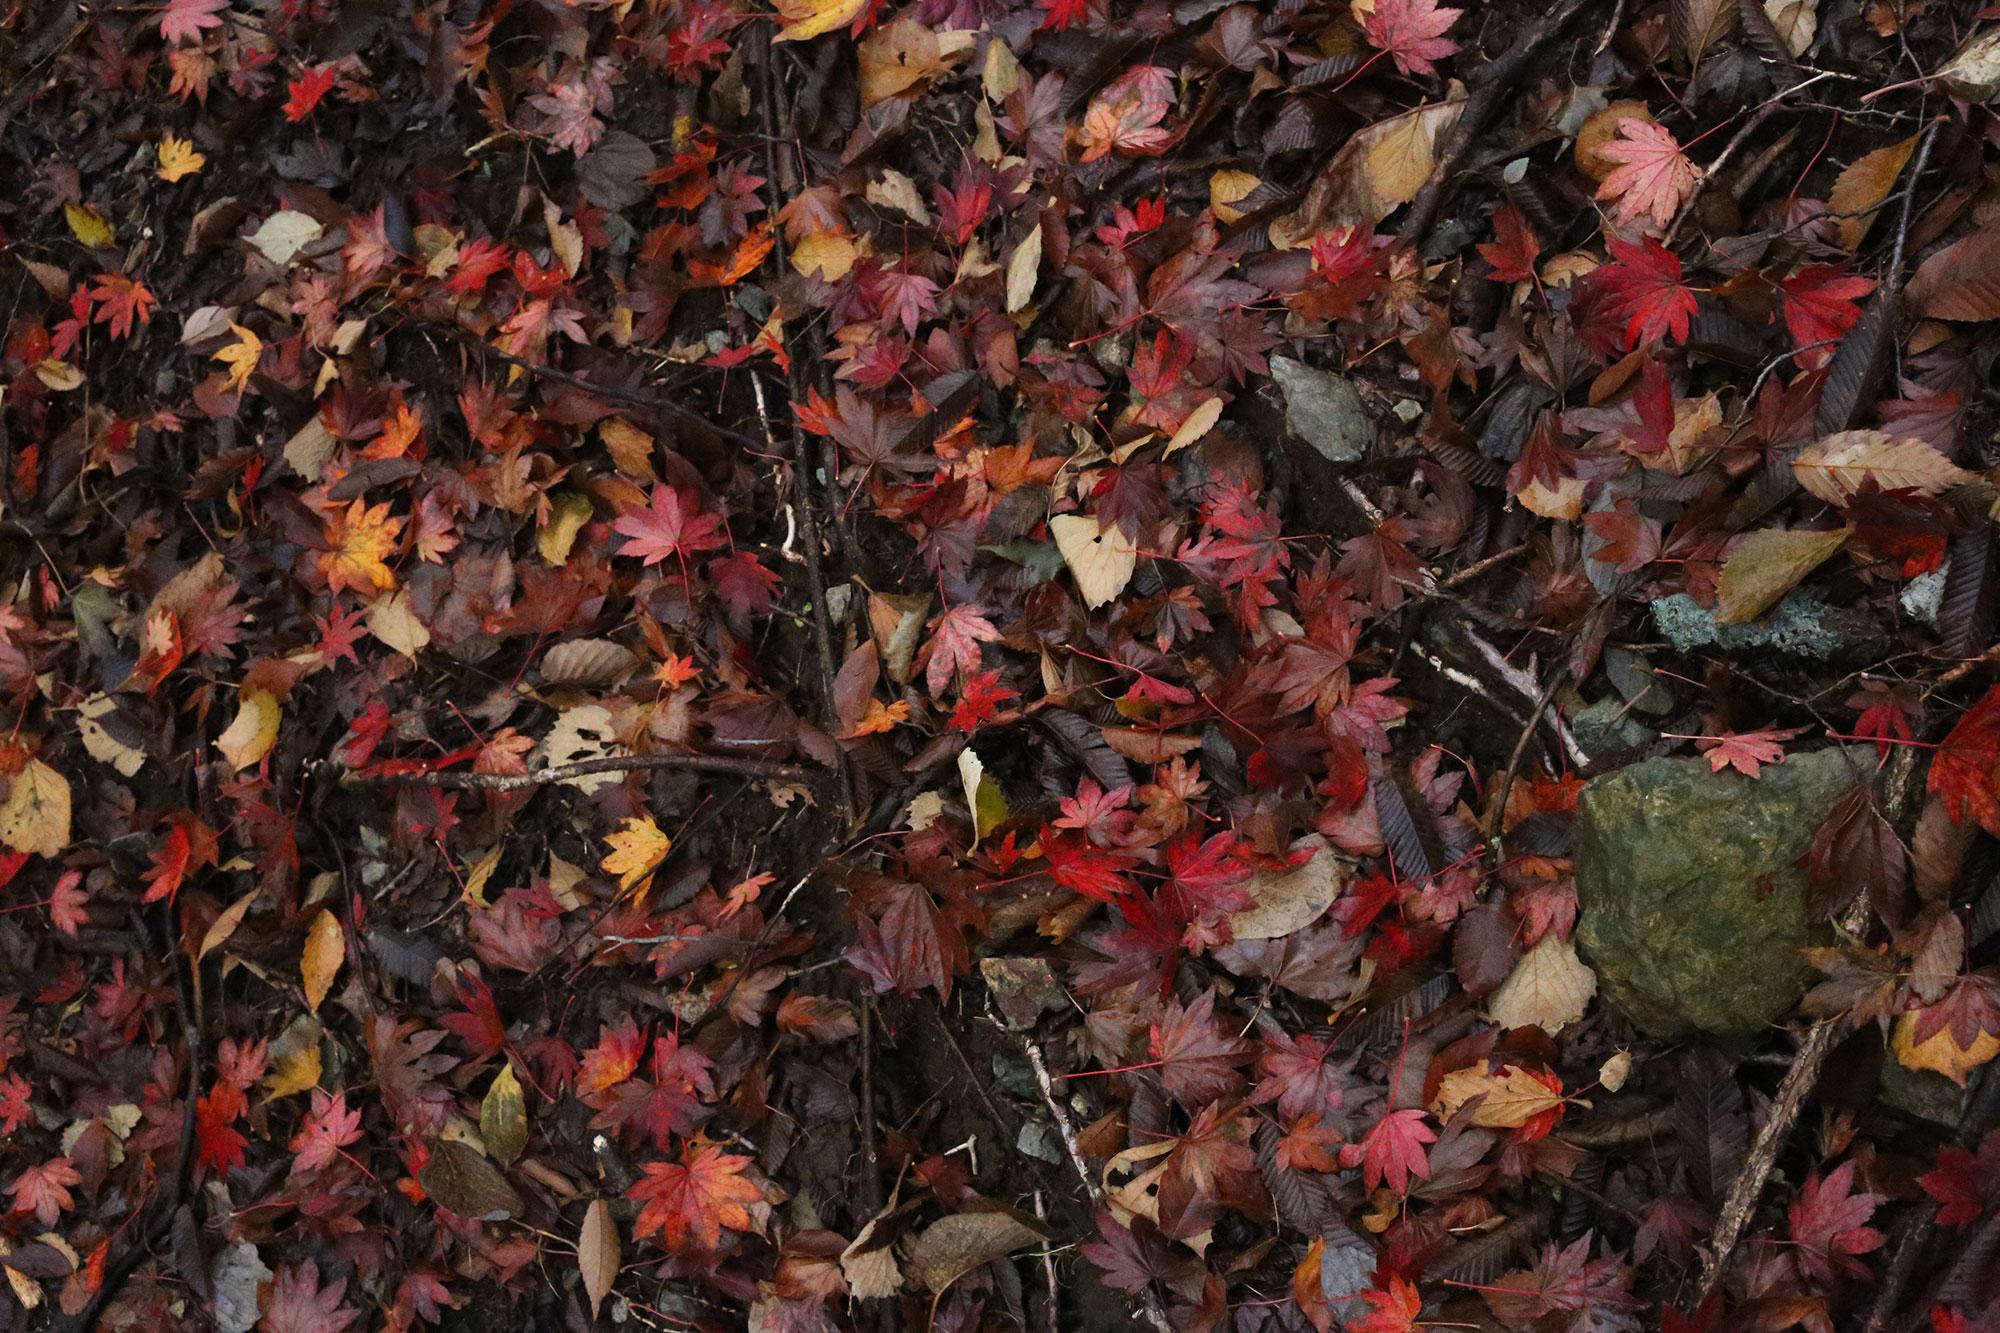 足元に落ちた紅葉の葉